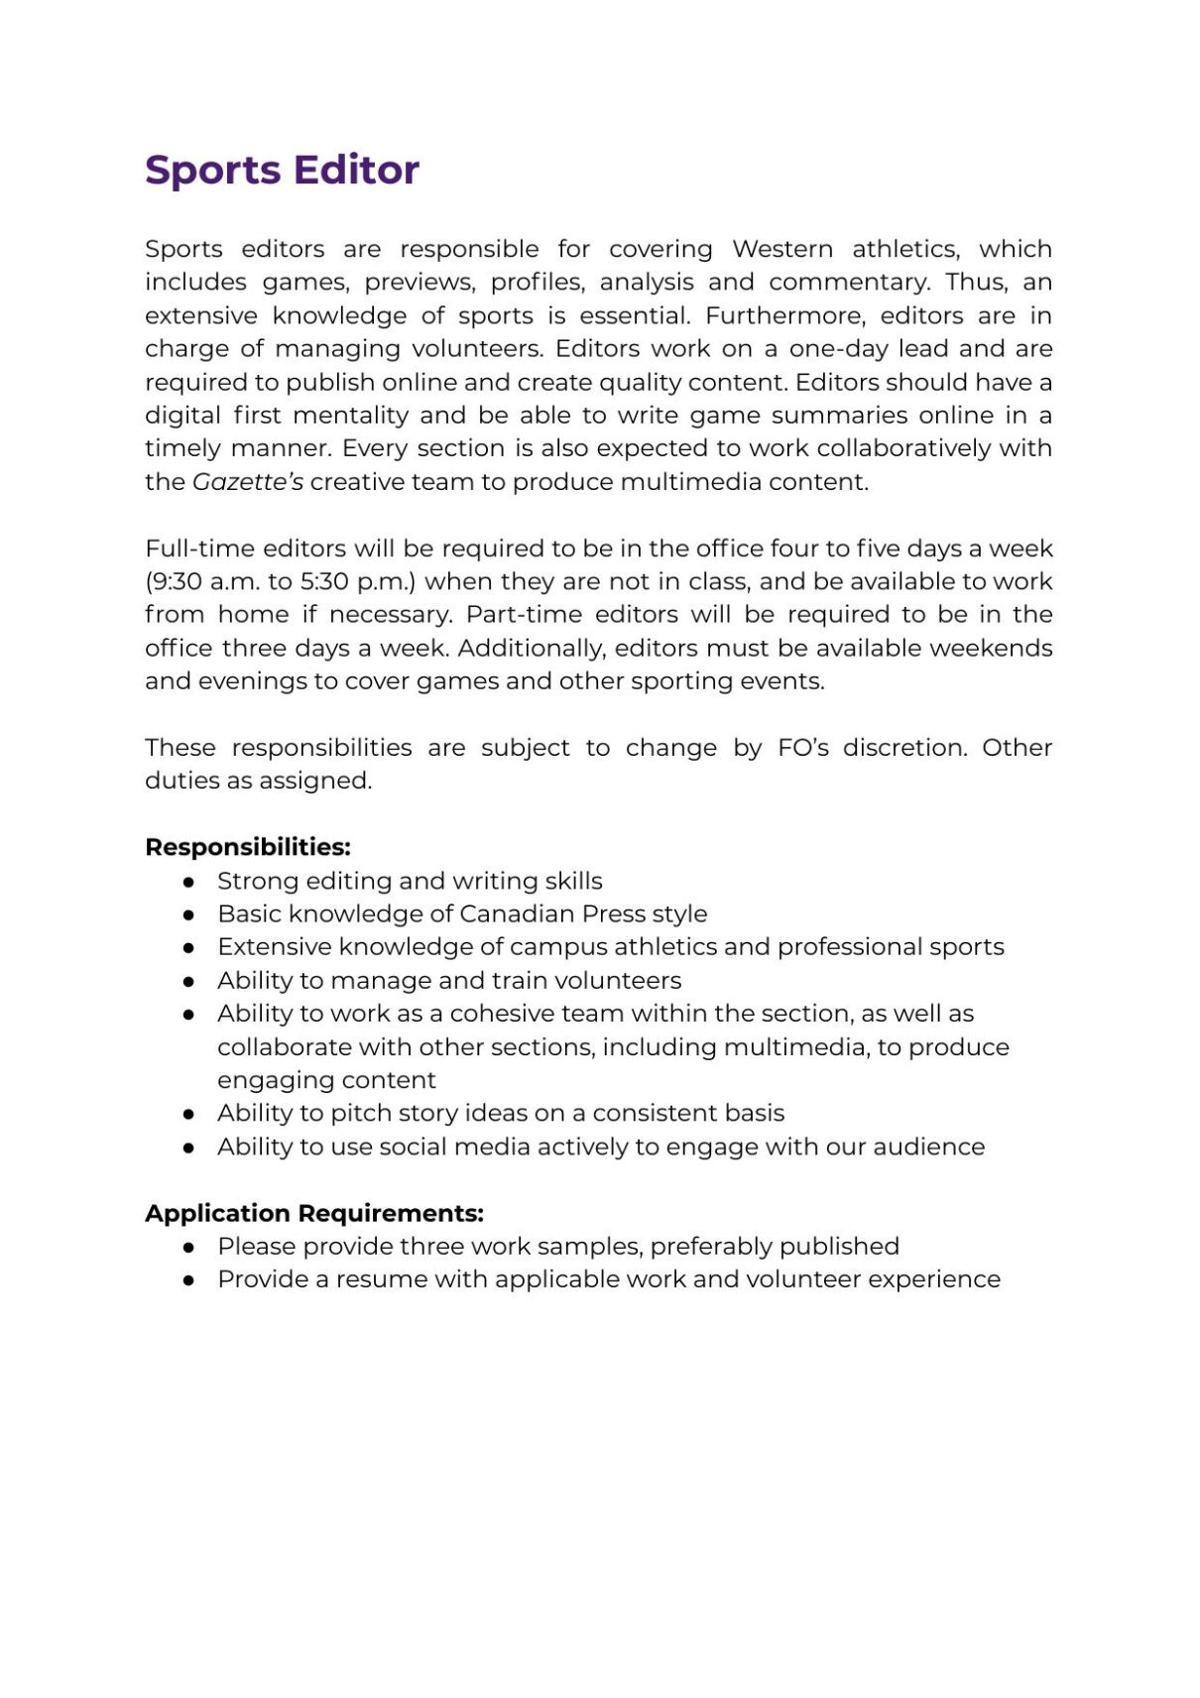 Sports Editor Job Description 2021